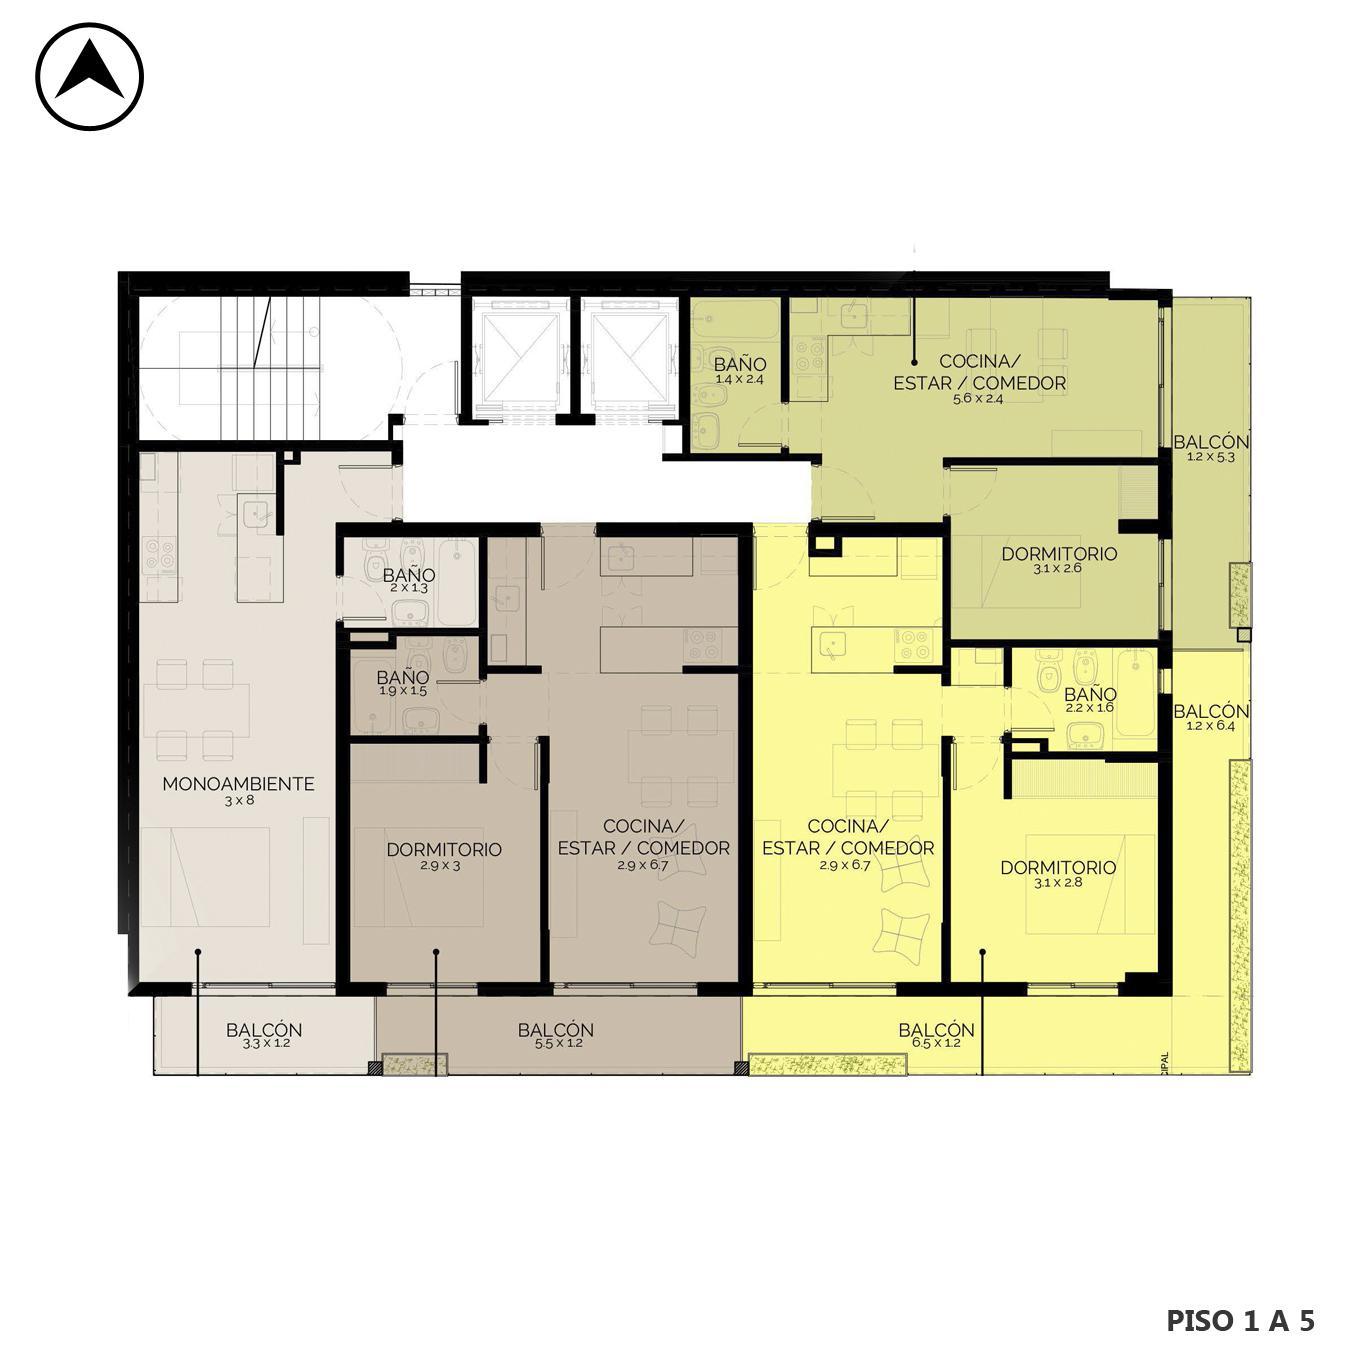 Venta departamento 2 dormitorios Rosario, República De La Sexta. Cod CBU24834 AP2314047. Crestale Propiedades